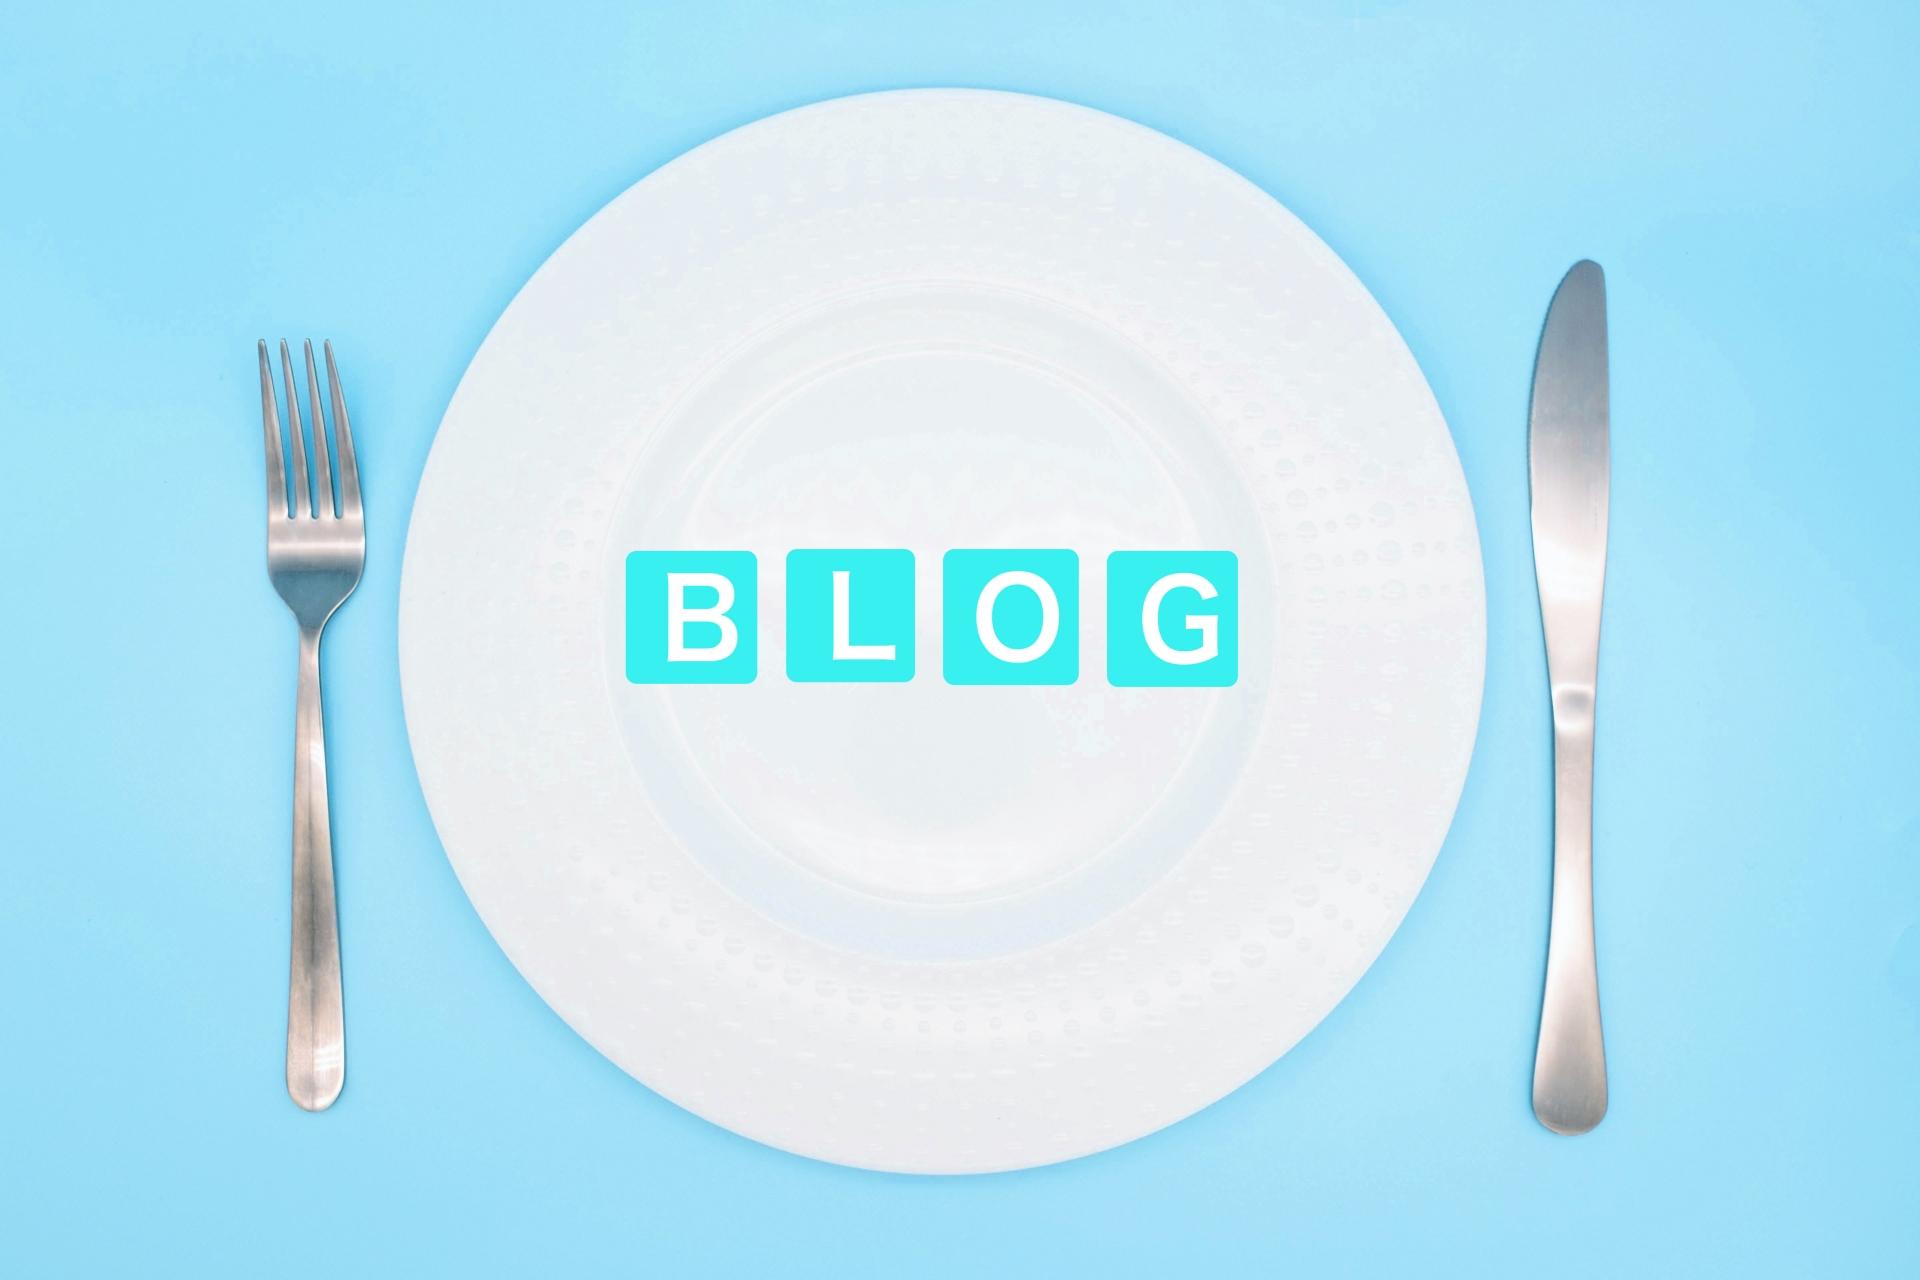 雑記ブログと特化ブログどっちにする?初心者こそ知っておきたいこと